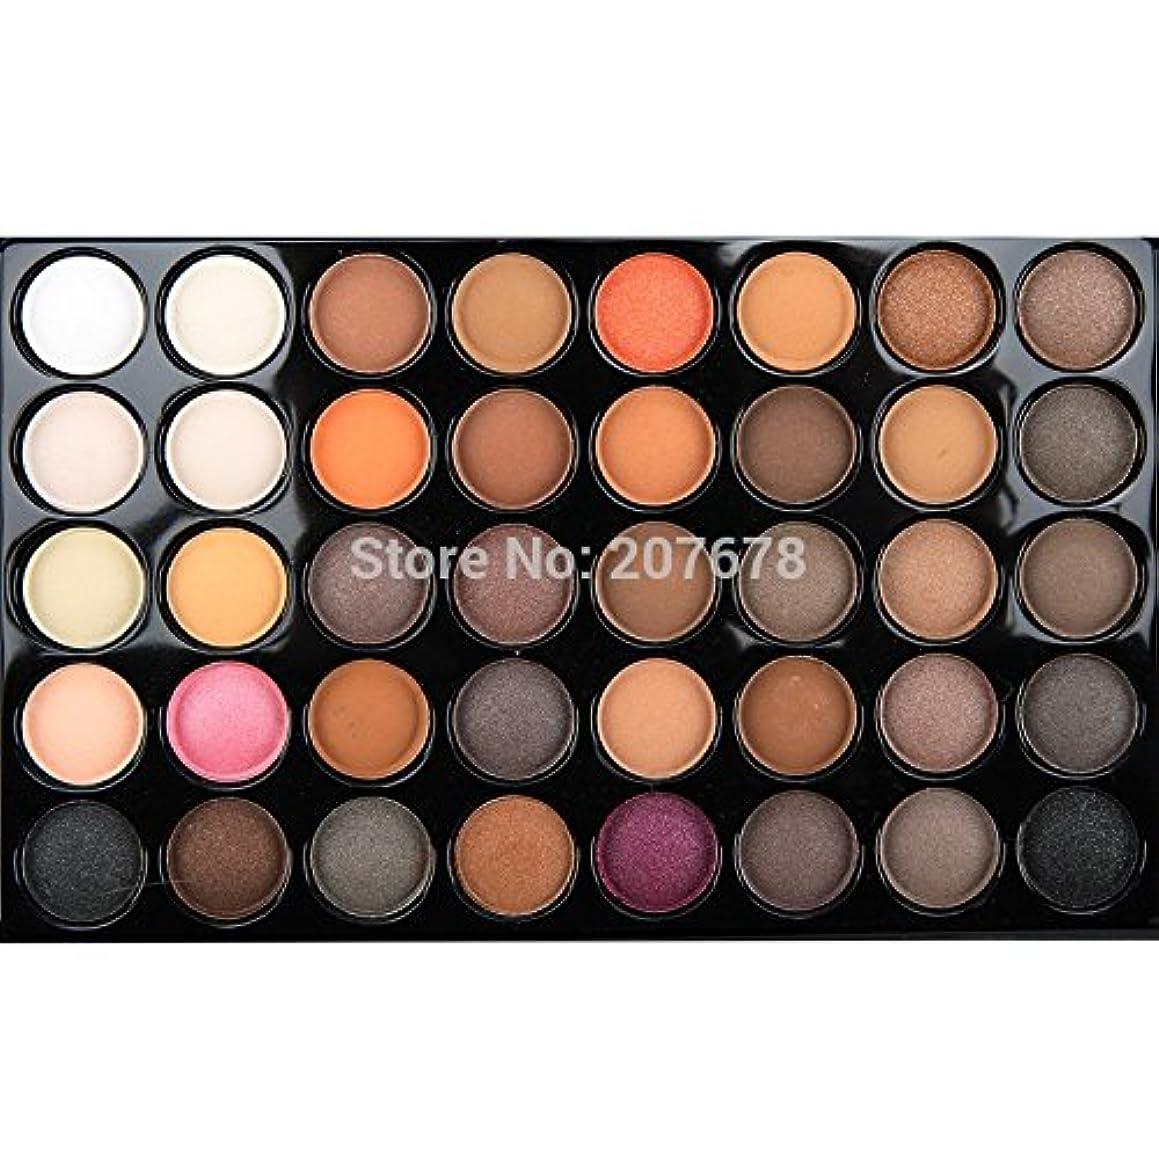 統計的必要としているゴム40 Color Matte Eyeshadow Pallete Make Up Palette Eye Shadow Glitter Natural Easy to Wear Waterproof Lasting Makeup...